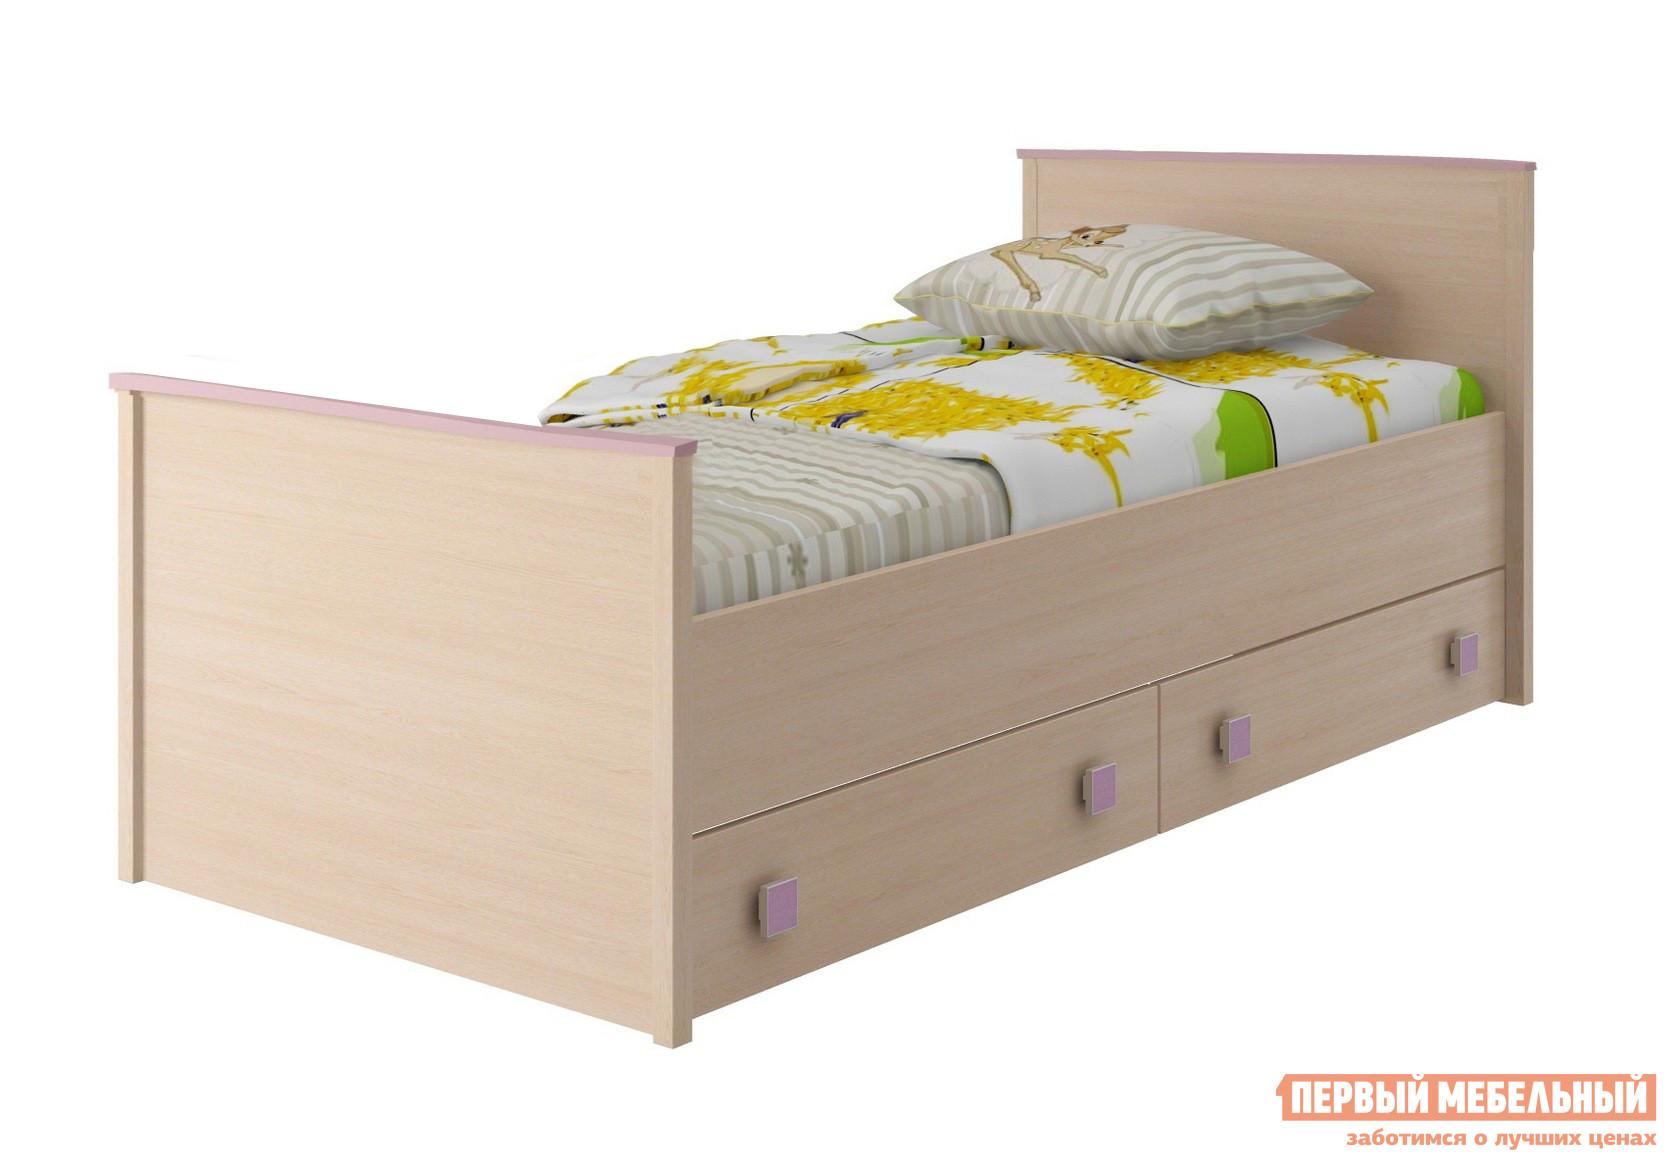 Детская кровать ТД Арника ИД 01.94 детская кровать тд арника ид 01 250а